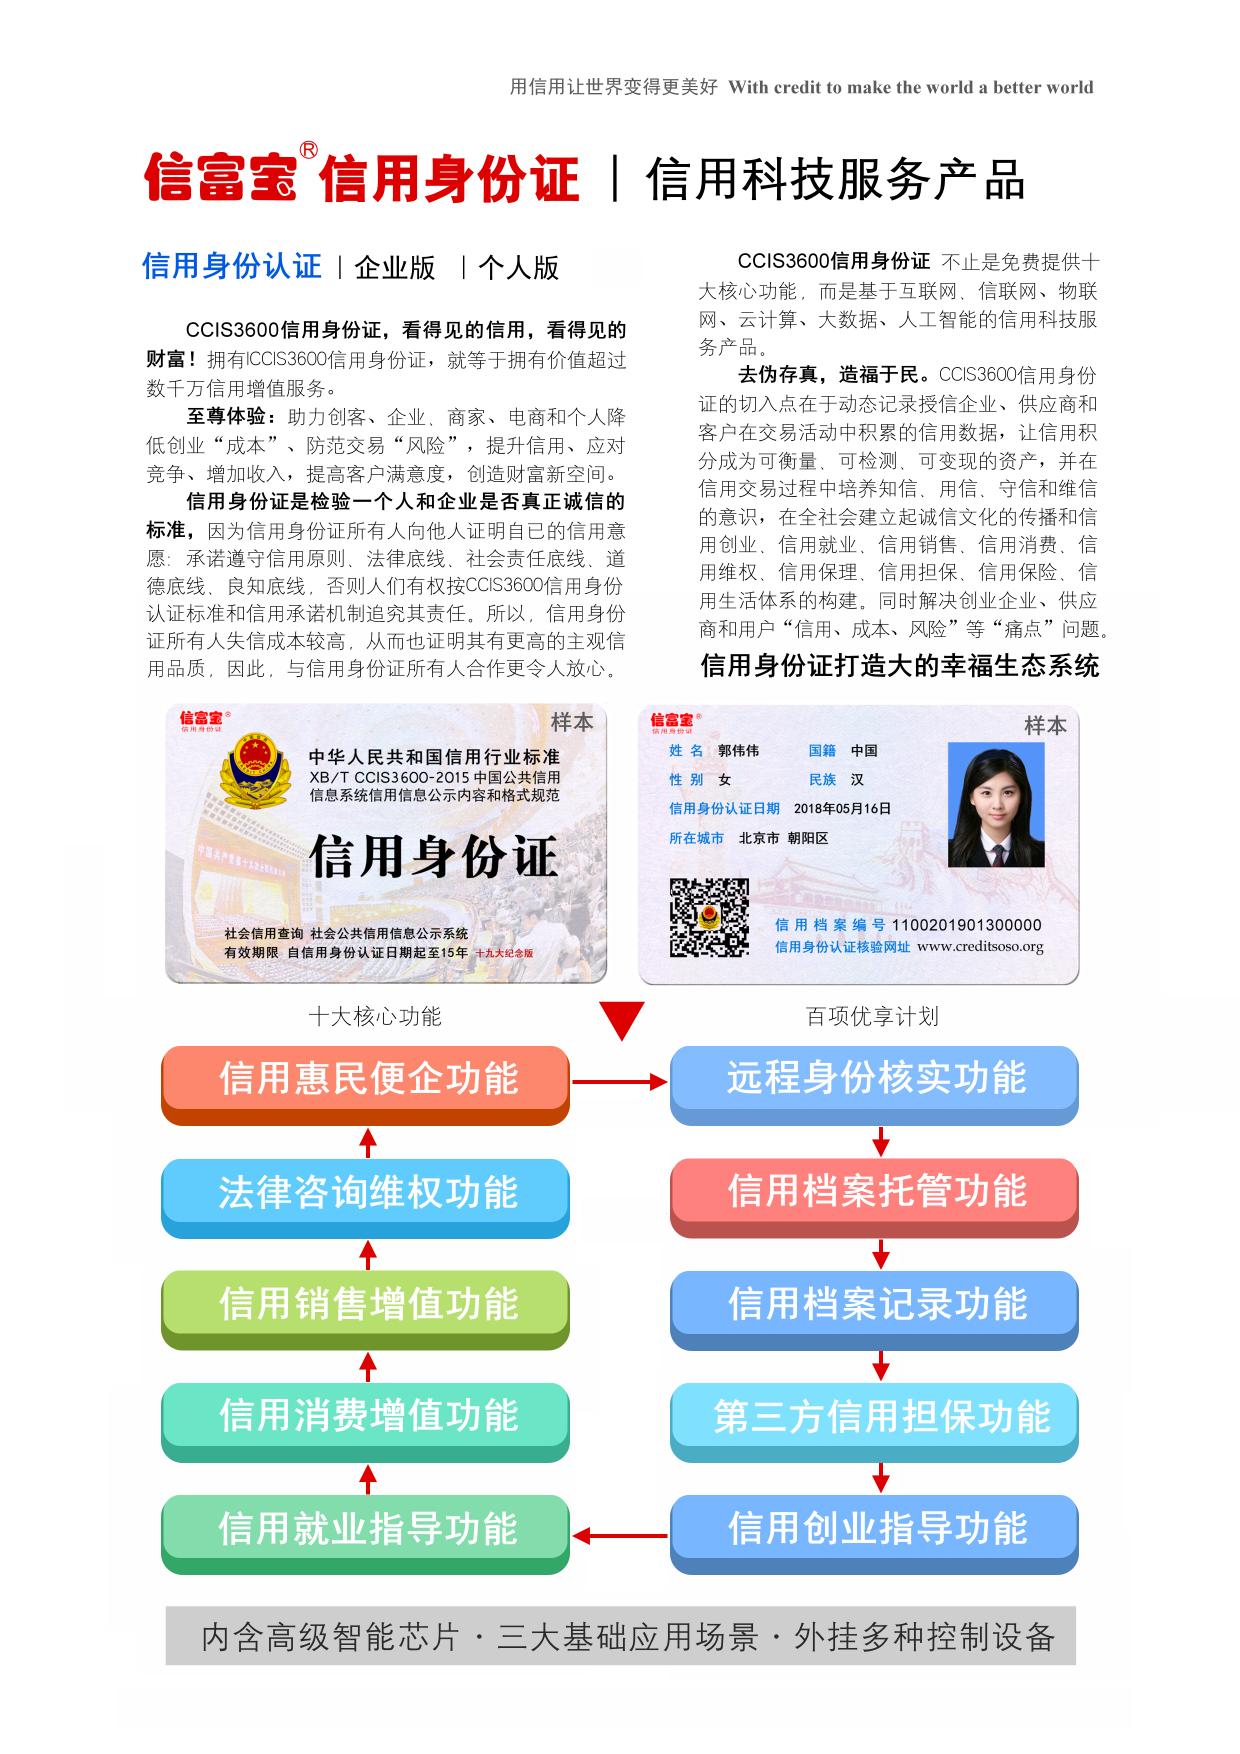 信用身份证介绍.jpg